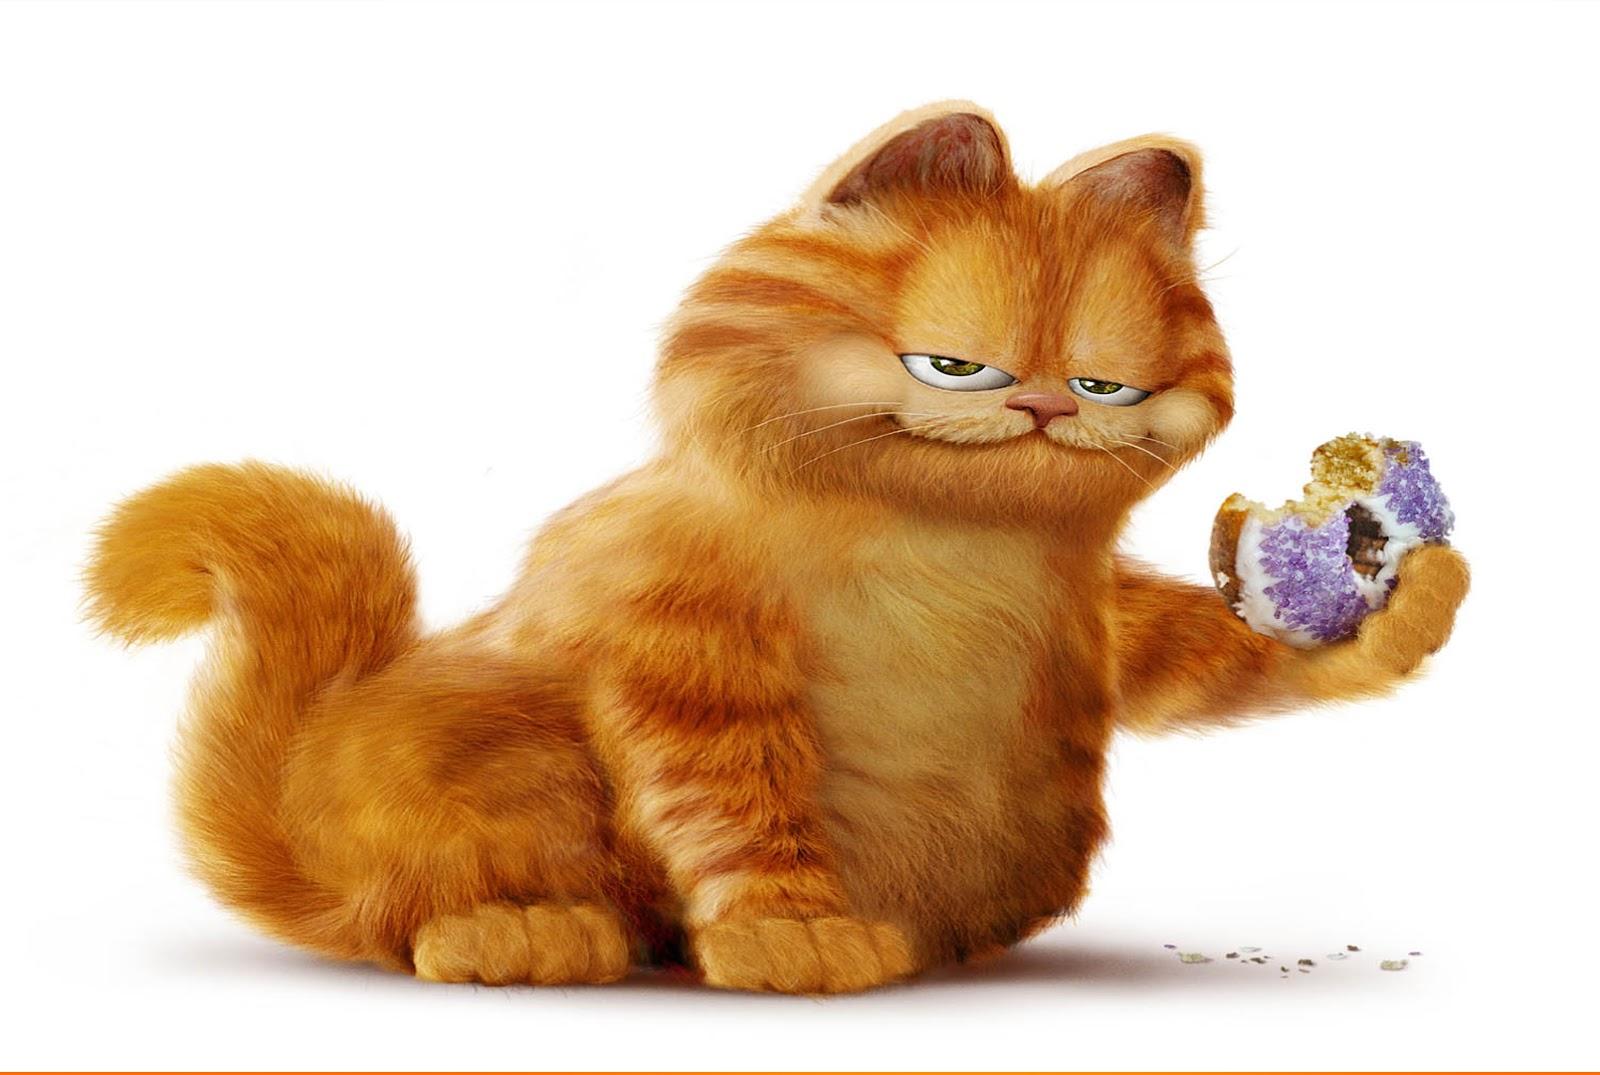 Wallpaper Lucu Gambar Kucing Garfield Terbaru 2016 Kata Kata Terlengkap